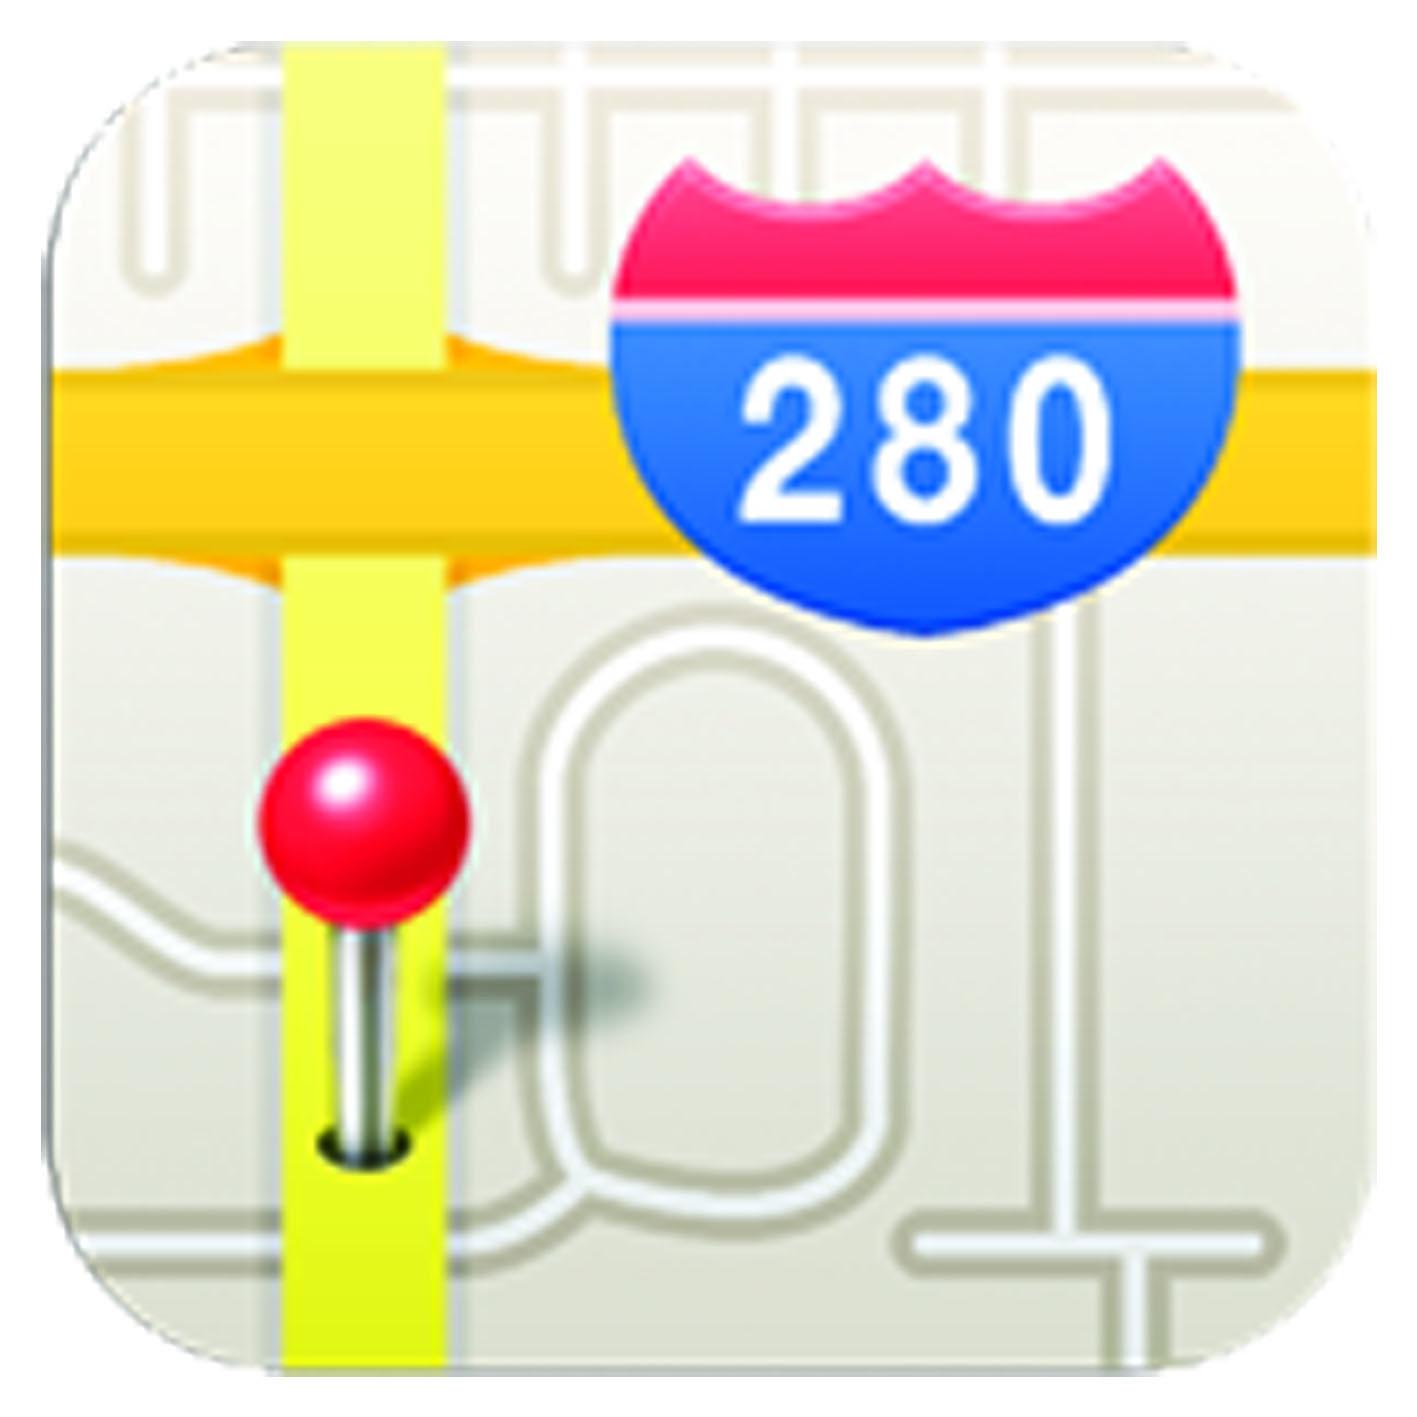 """Google sperimenta i Link Sponsorizzati nell'applicazione """"Mappe"""" in America. A breve Apple potrebbe presentare un nuovo servizio proprietario per le Mappe"""